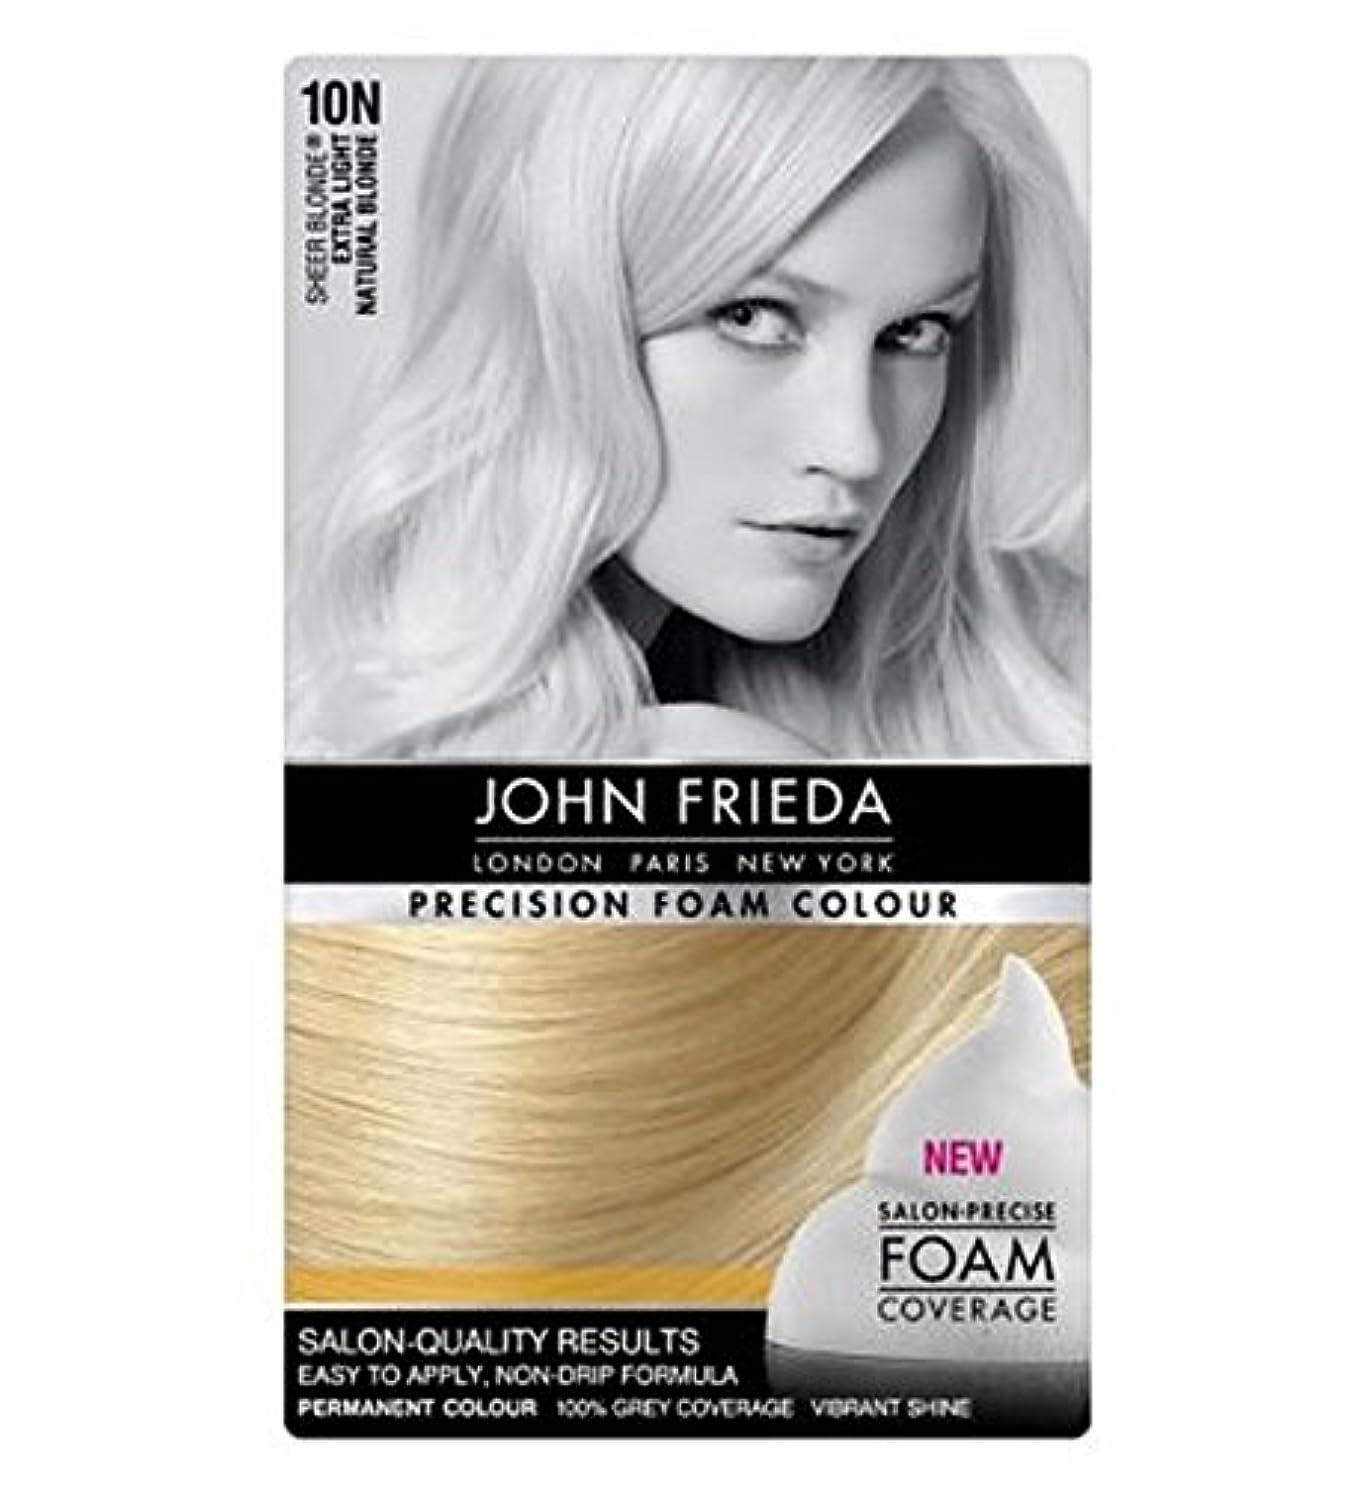 妨げるサイクルスカウトジョン?フリーダ精密泡カラー10Nの余分な光を自然なブロンド (John Frieda) (x2) - John Frieda Precision Foam Colour 10N Extra Light Natural Blonde (Pack of 2) [並行輸入品]